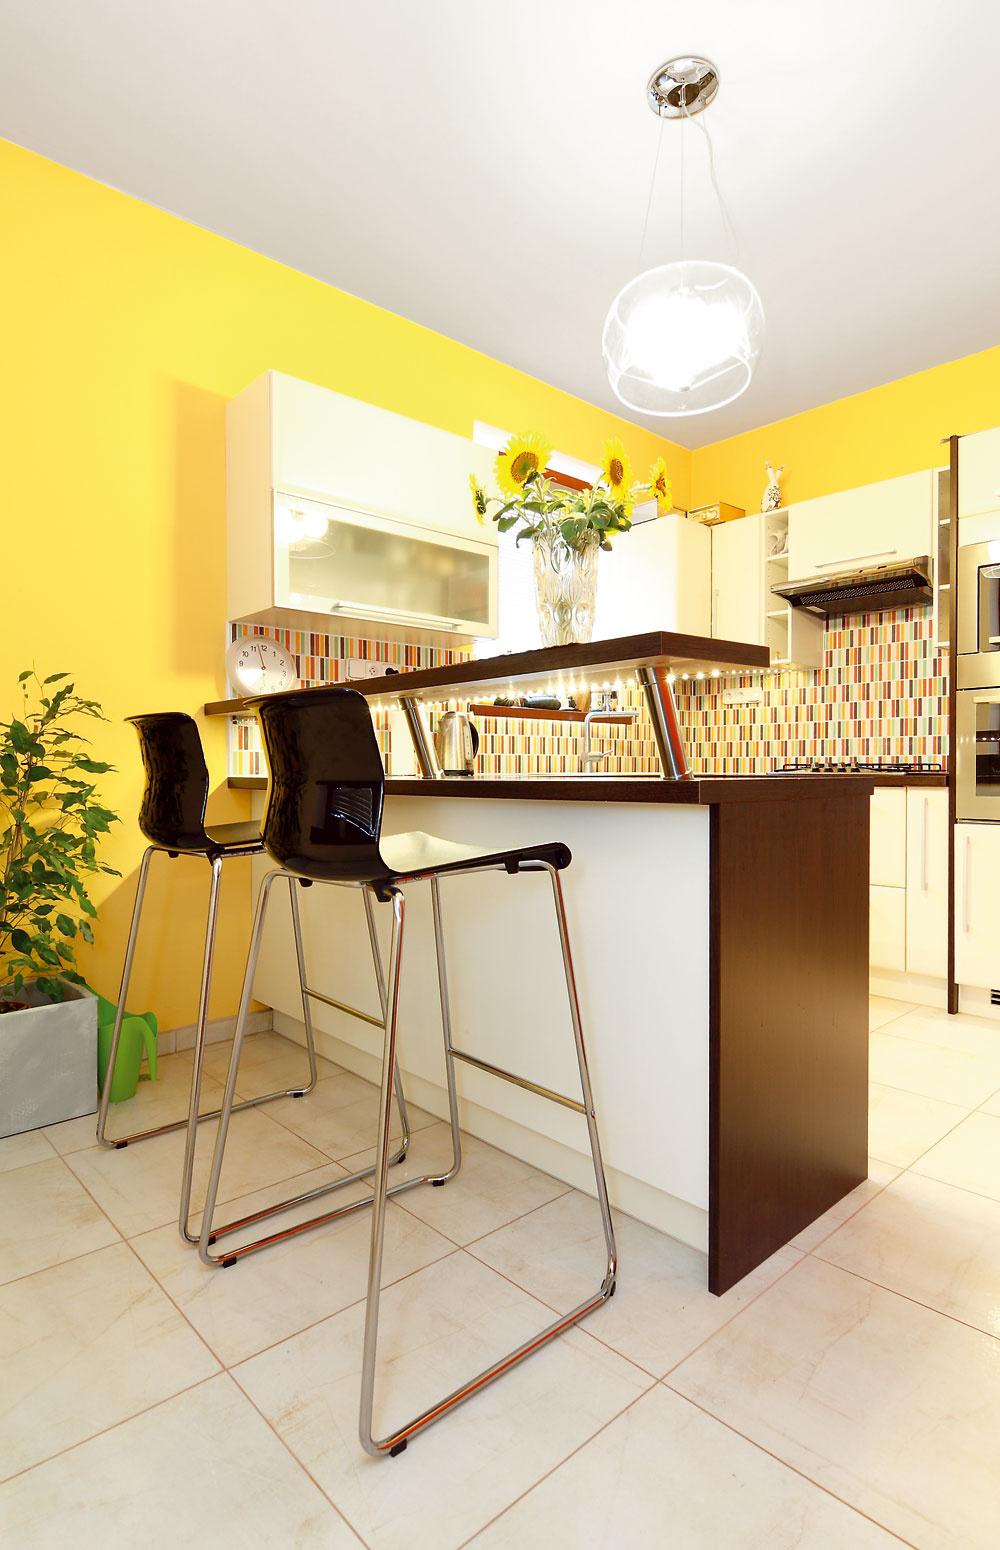 Kuchynská linka zDecodomu už vdome bola, architektka ju však oživila niekoľkými prvkami, ktoré zároveň prispeli kjej zjednoteniu spriestorom obývačky ajedálne. Pribudol barový pult sLED podsvietením sbarovými stoličkami atiež dlhý kvetináč pri stene vedľa barového sedenia, ktorý je dôležitý pre kompozíciu pri pohľade zobývačky. Pôvodnú žltú farbu stien vkuchyni ponechali – ladí so zeleným zariadením obývačky, previazanosť týchto dvoch priestorov podporilo aj rovnaké centrálne svietidlo.